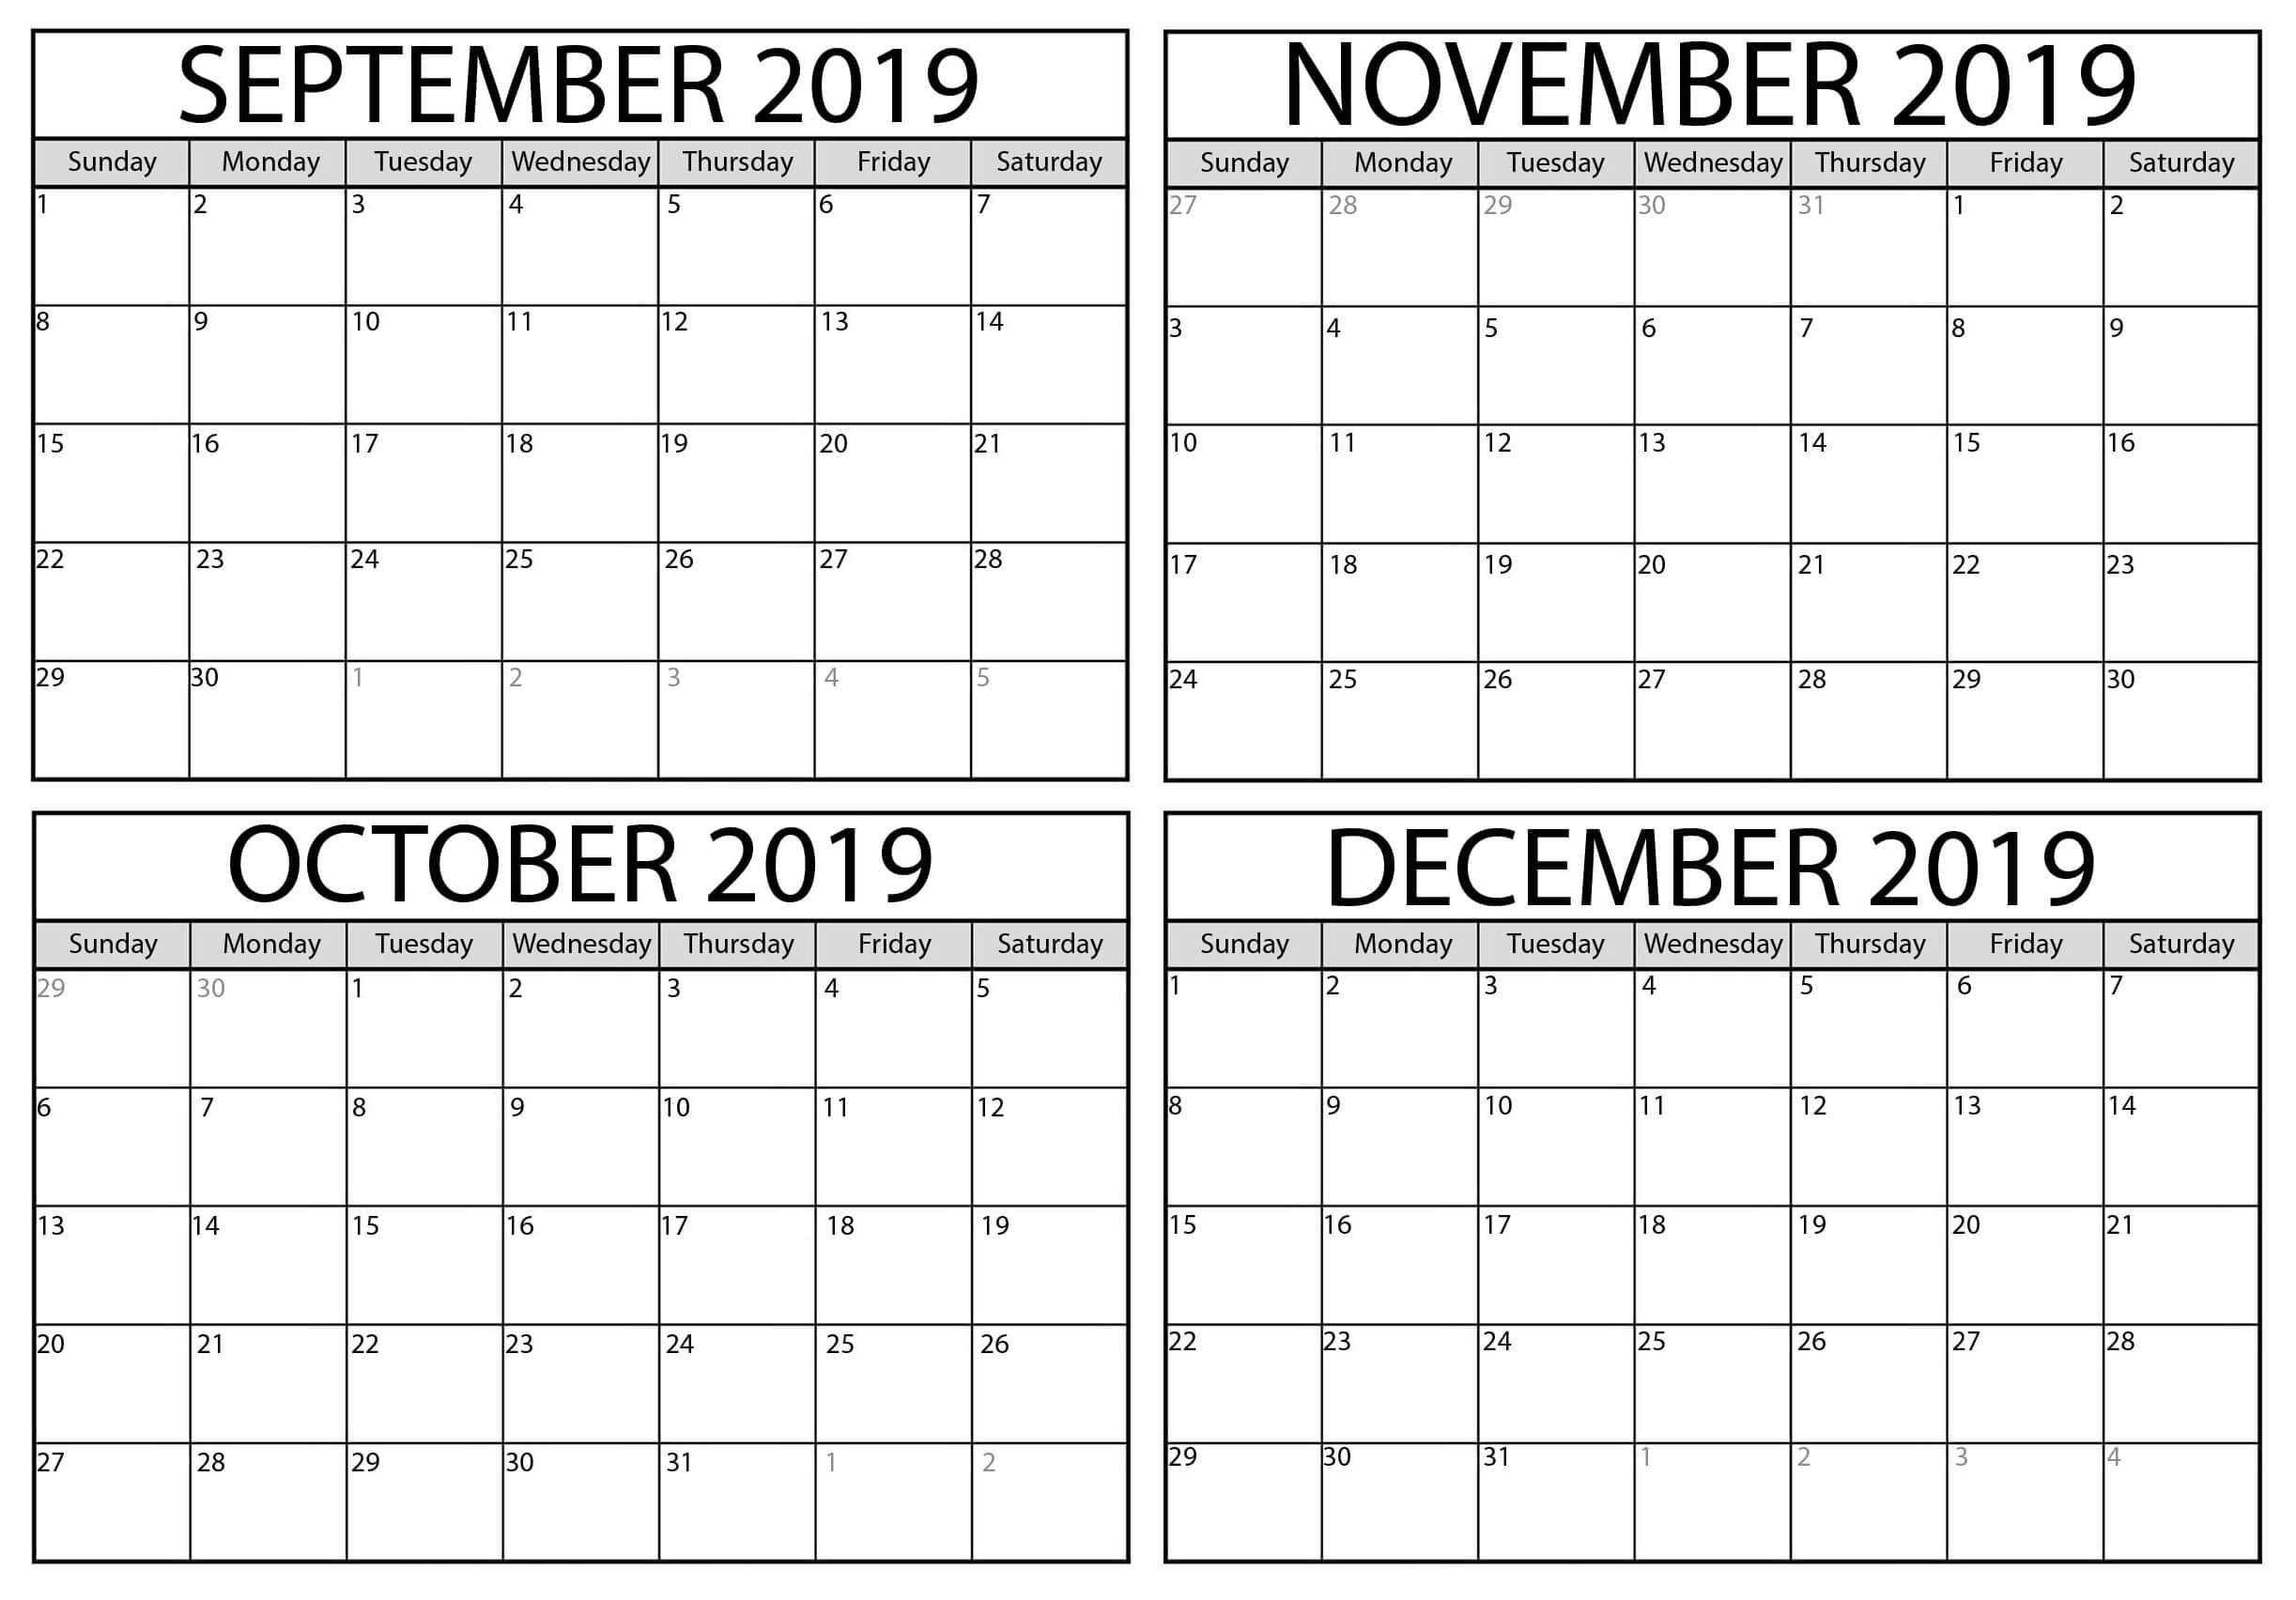 Free September To December 2019 Calendar Template - Net